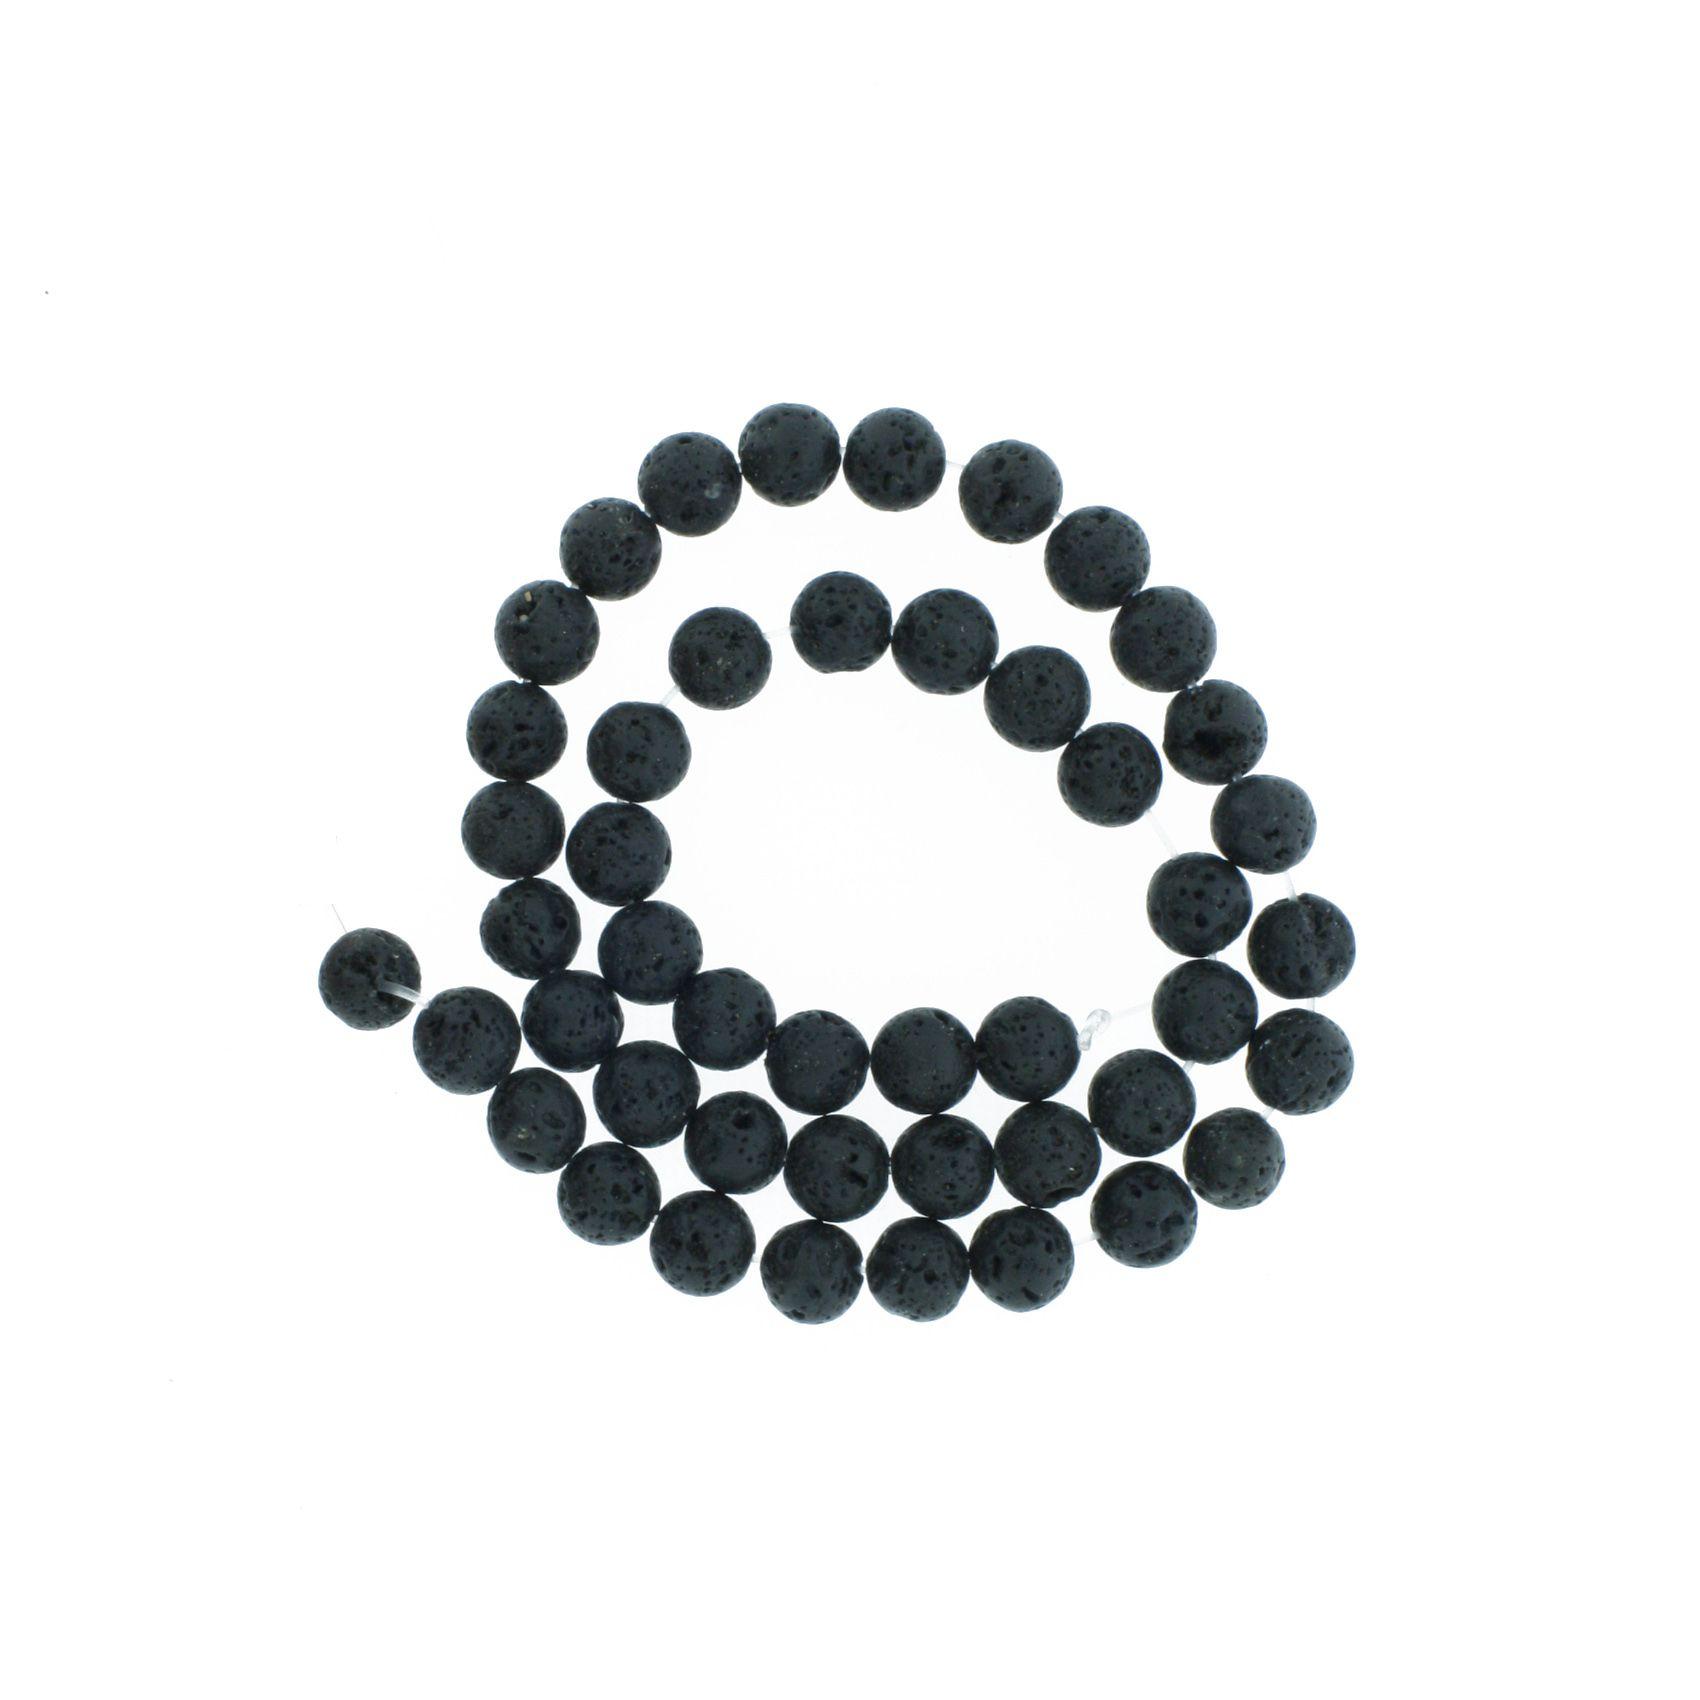 Fio de Pedra - Vulcânica - 8mm  - Stéphanie Bijoux® - Peças para Bijuterias e Artesanato